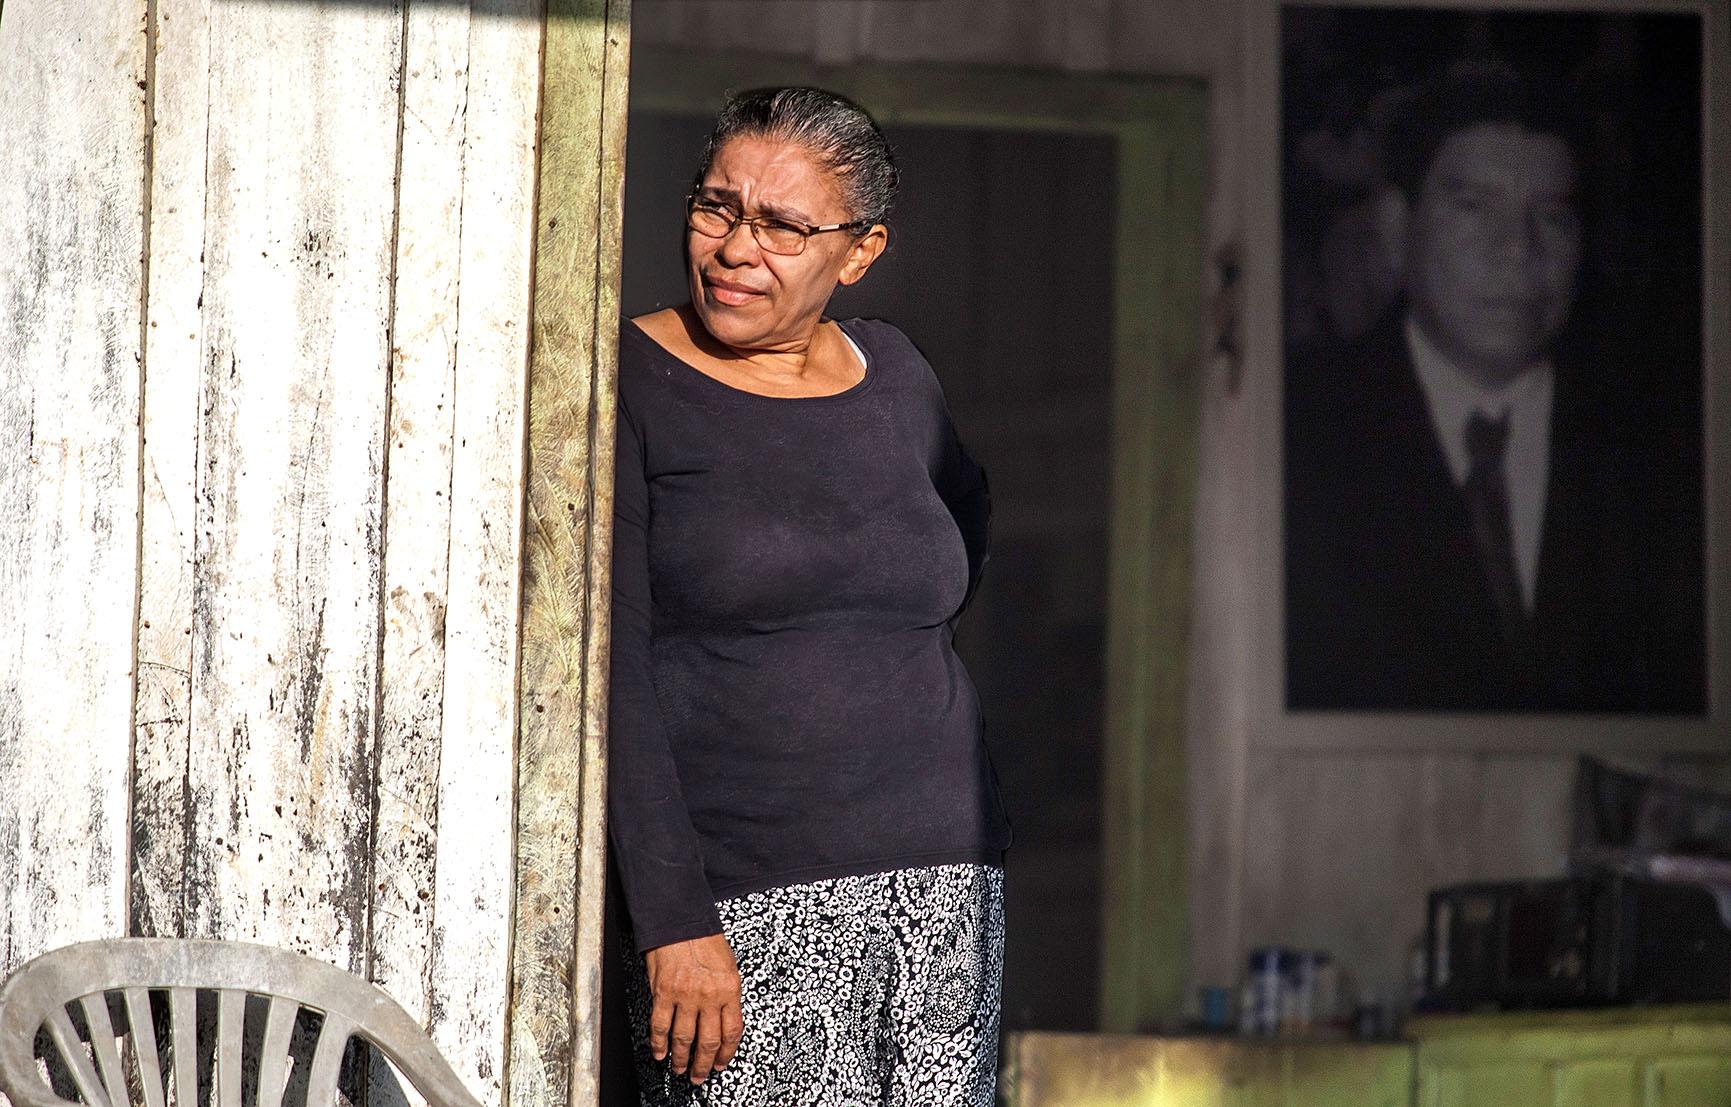 Raimunda estica os olhos sobre sua propriedade ao lado do retrato de Chicão, seu marido foi assassinado dentro do garimpo